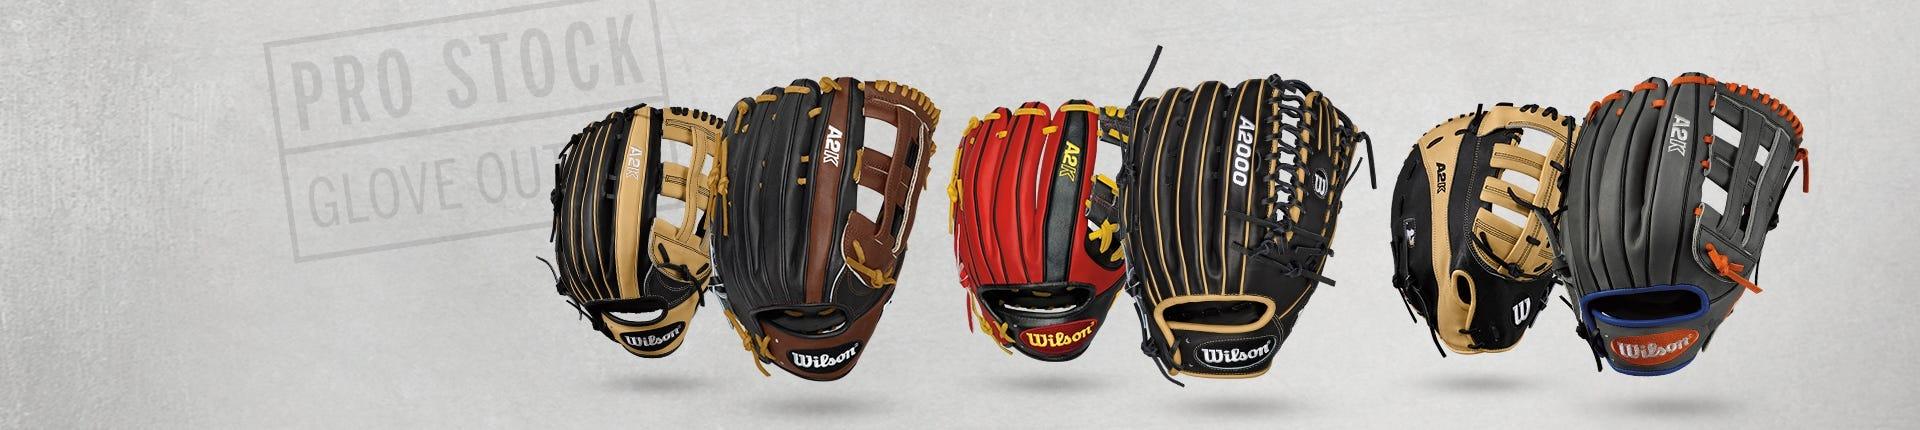 Baseball Gloves on Sale - A2K & A2000 Deals - Wilson ...